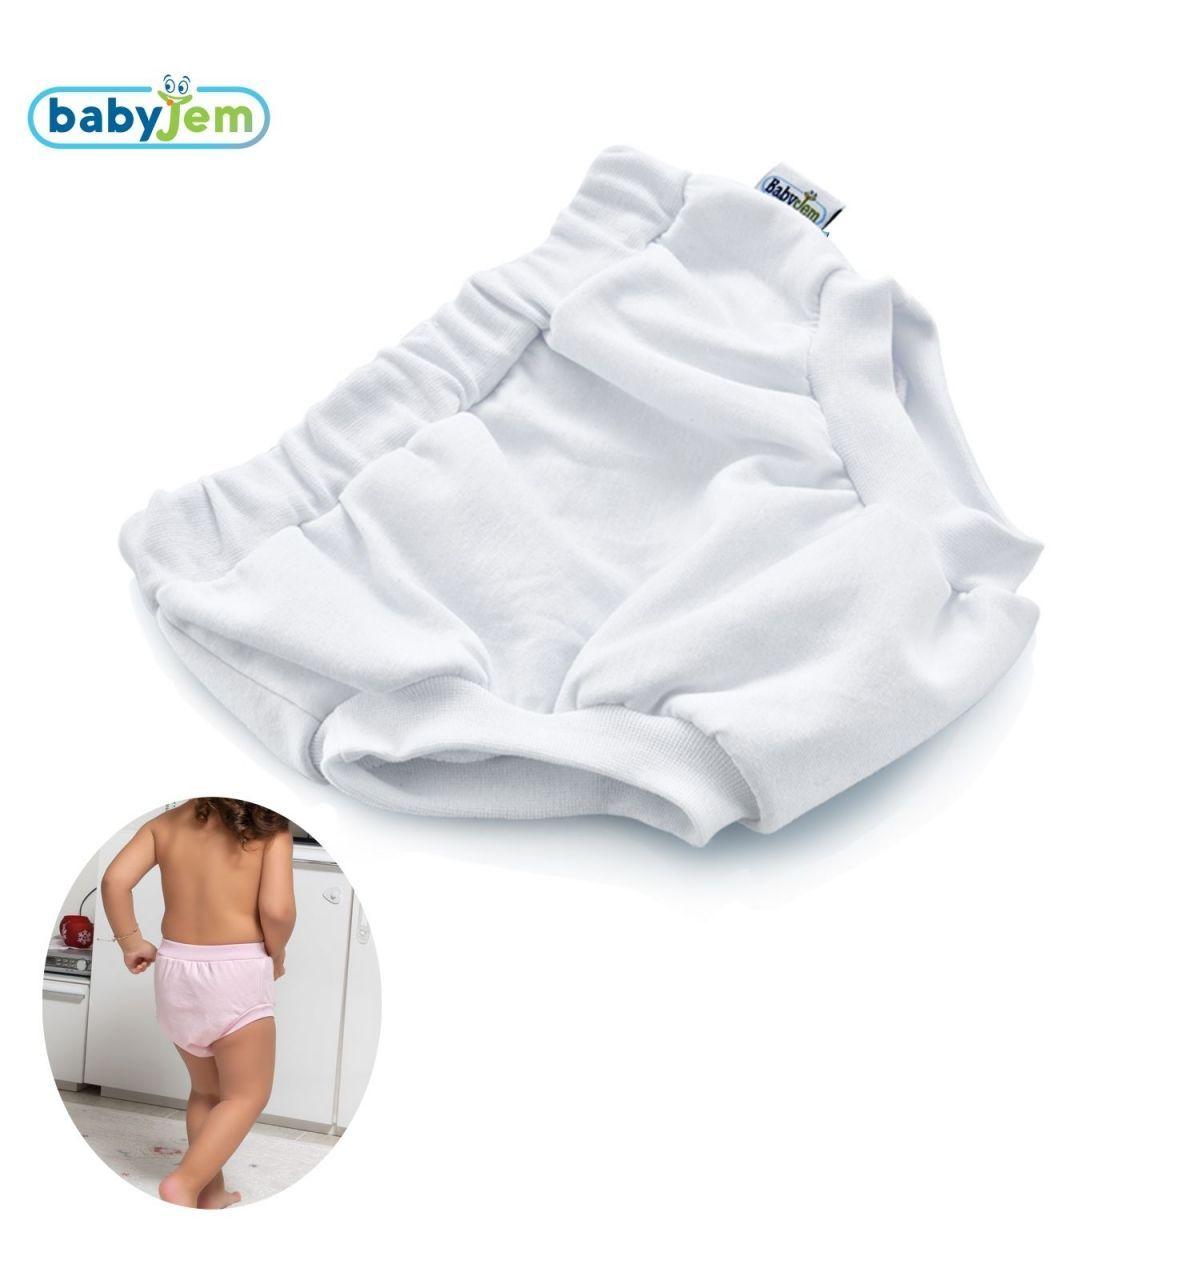 Babyjem Soft Alıştırma Külodu Beyaz 2Yaş